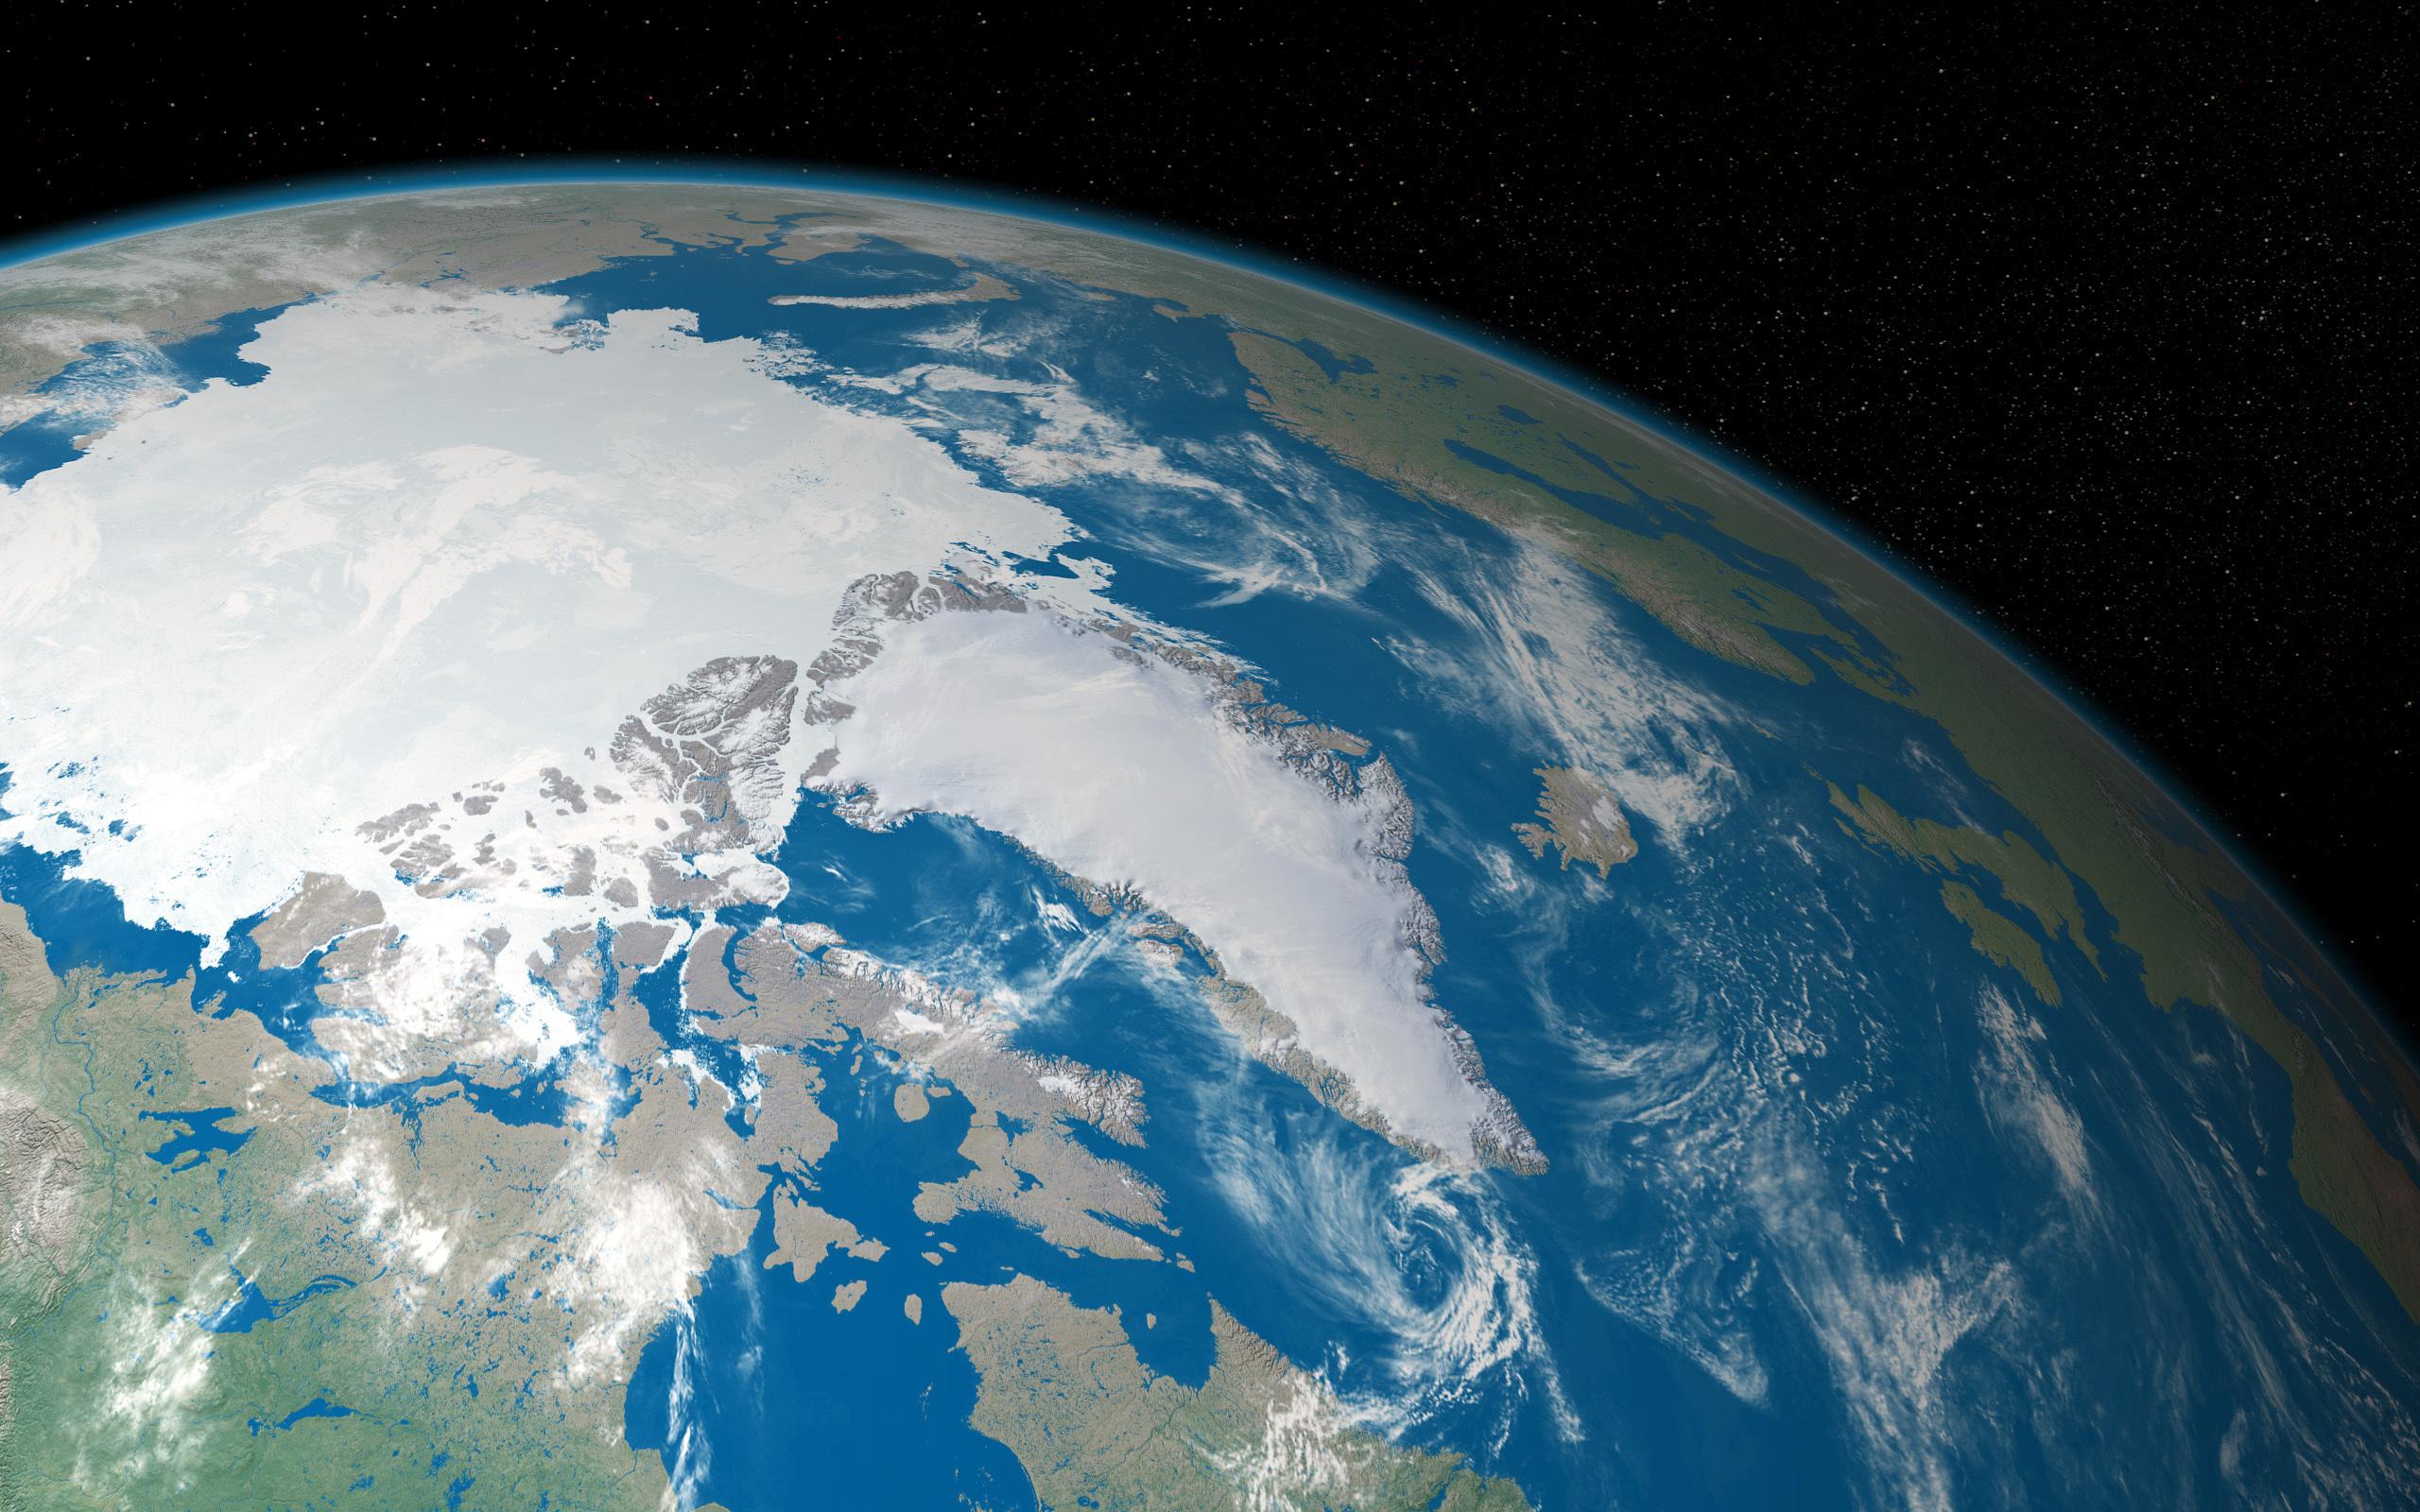 Фото земного шара из космоса высокого разрешения